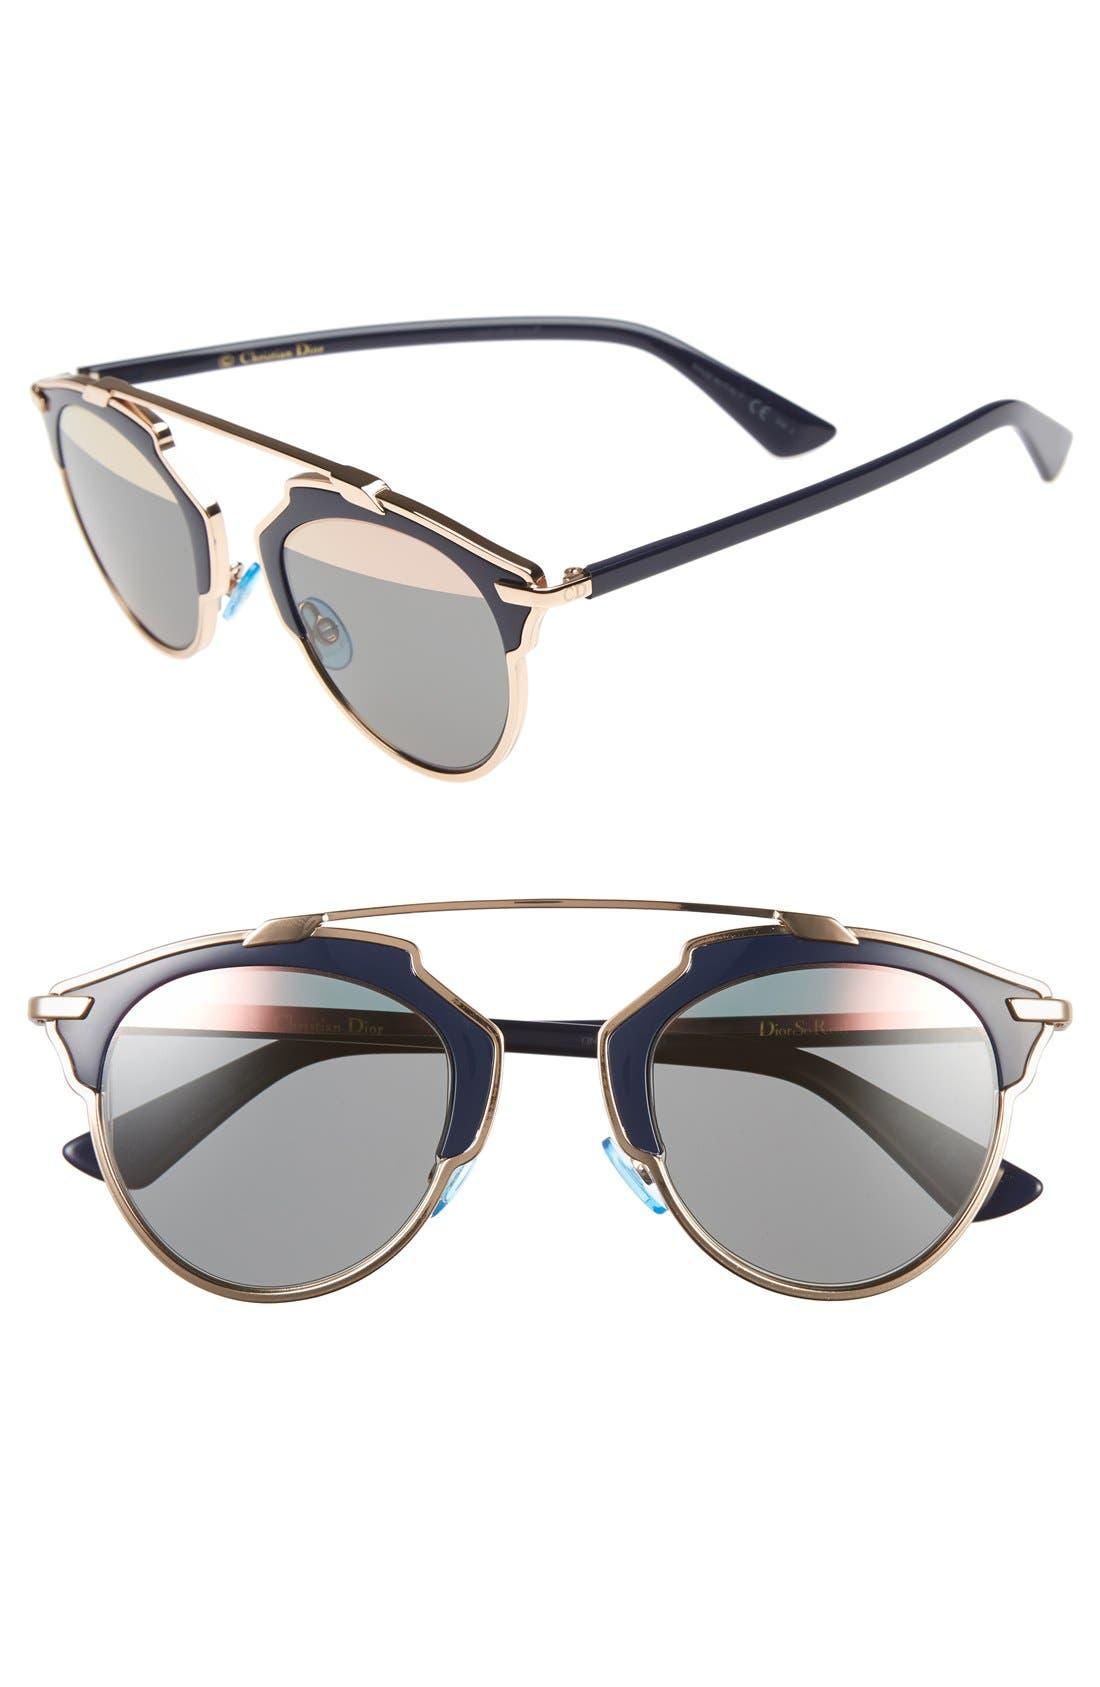 So Real 48mm Brow Bar Sunglasses,                             Main thumbnail 24, color,